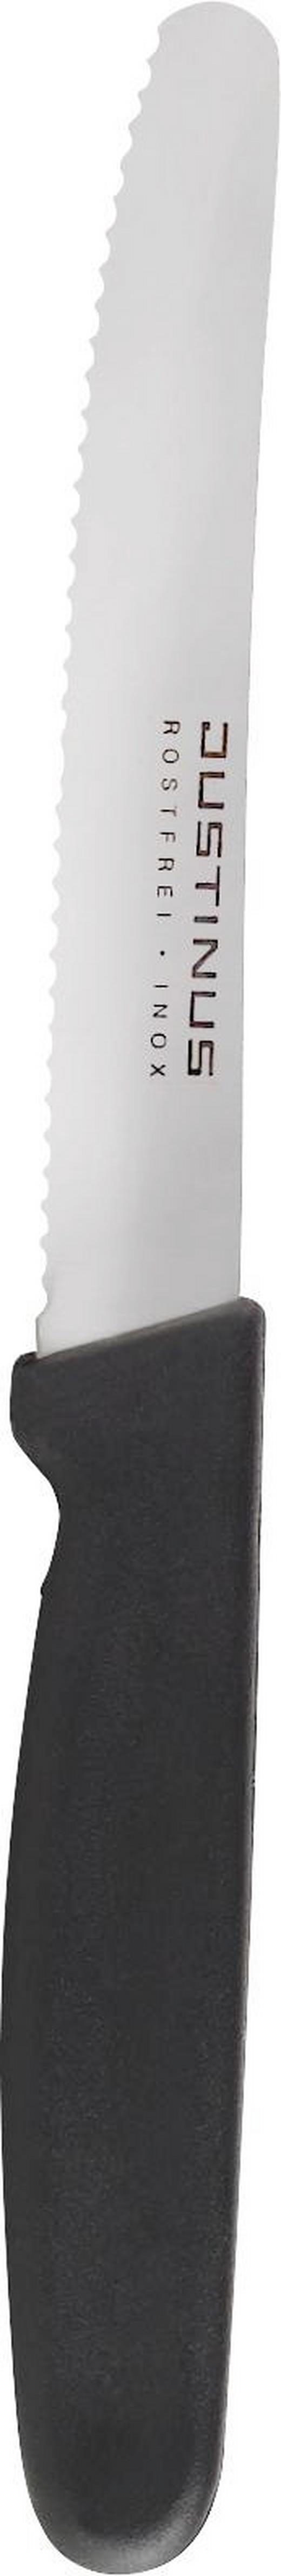 BRÖTCHENMESSER  Edelstahl  22 cm - Silberfarben/Schwarz, Basics, Kunststoff/Metall (22cm) - JUSTINUS